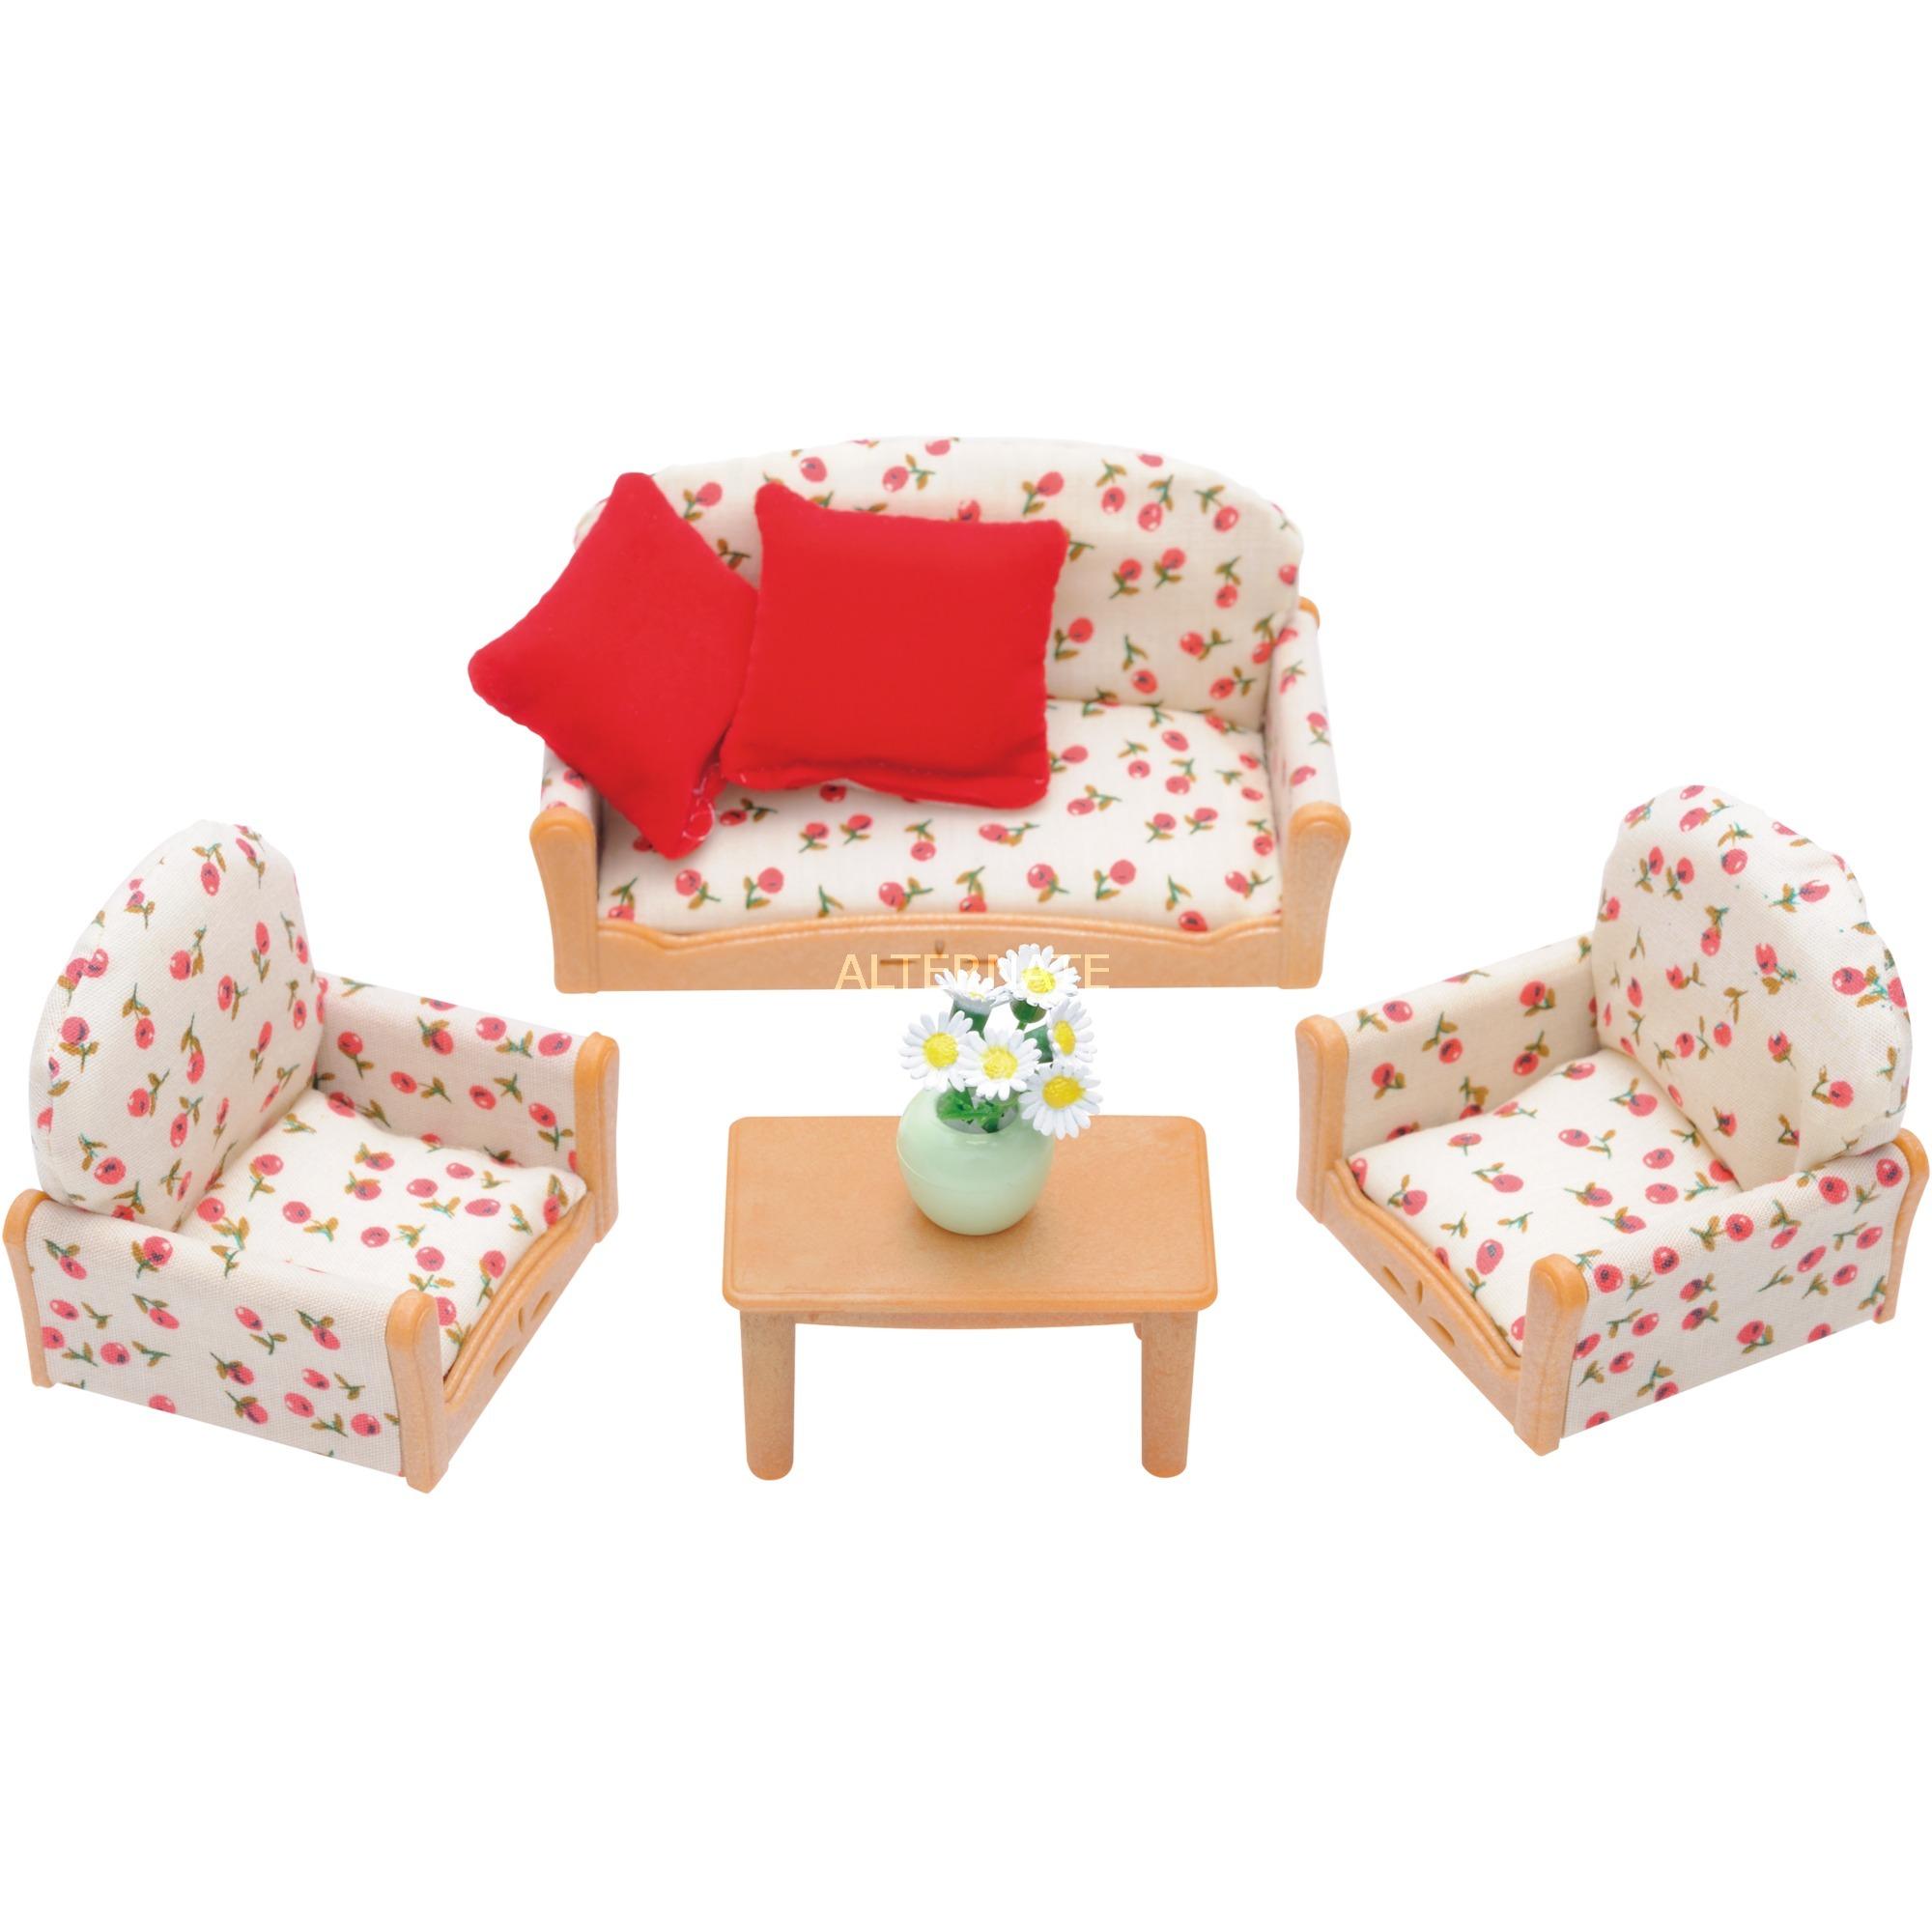 4464 Juego de muebles accesorio para casa de muñecas, Juegos de construcción